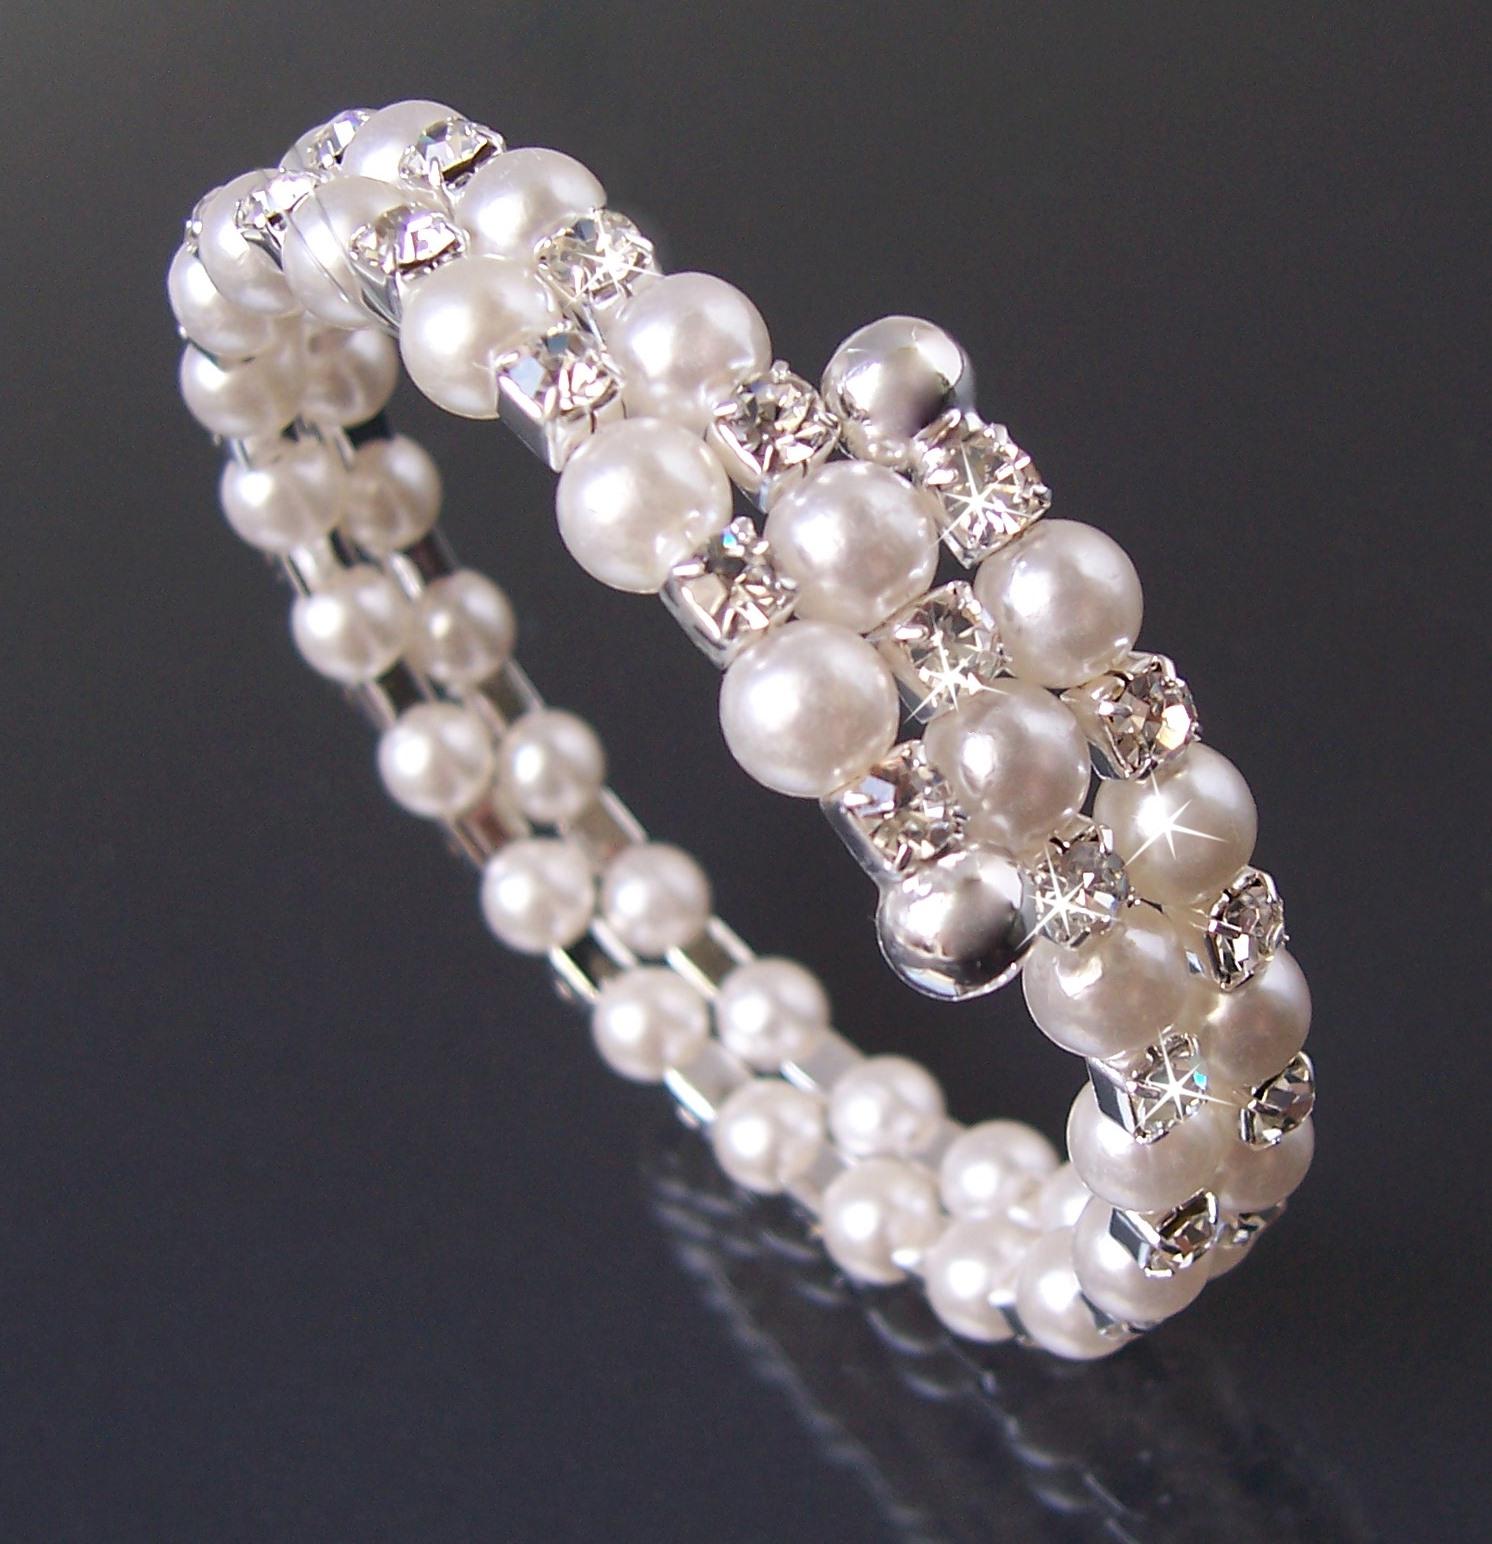 Armreif Armspirale 2-reihig Perlen weiß silber Strass Kommunion A1365